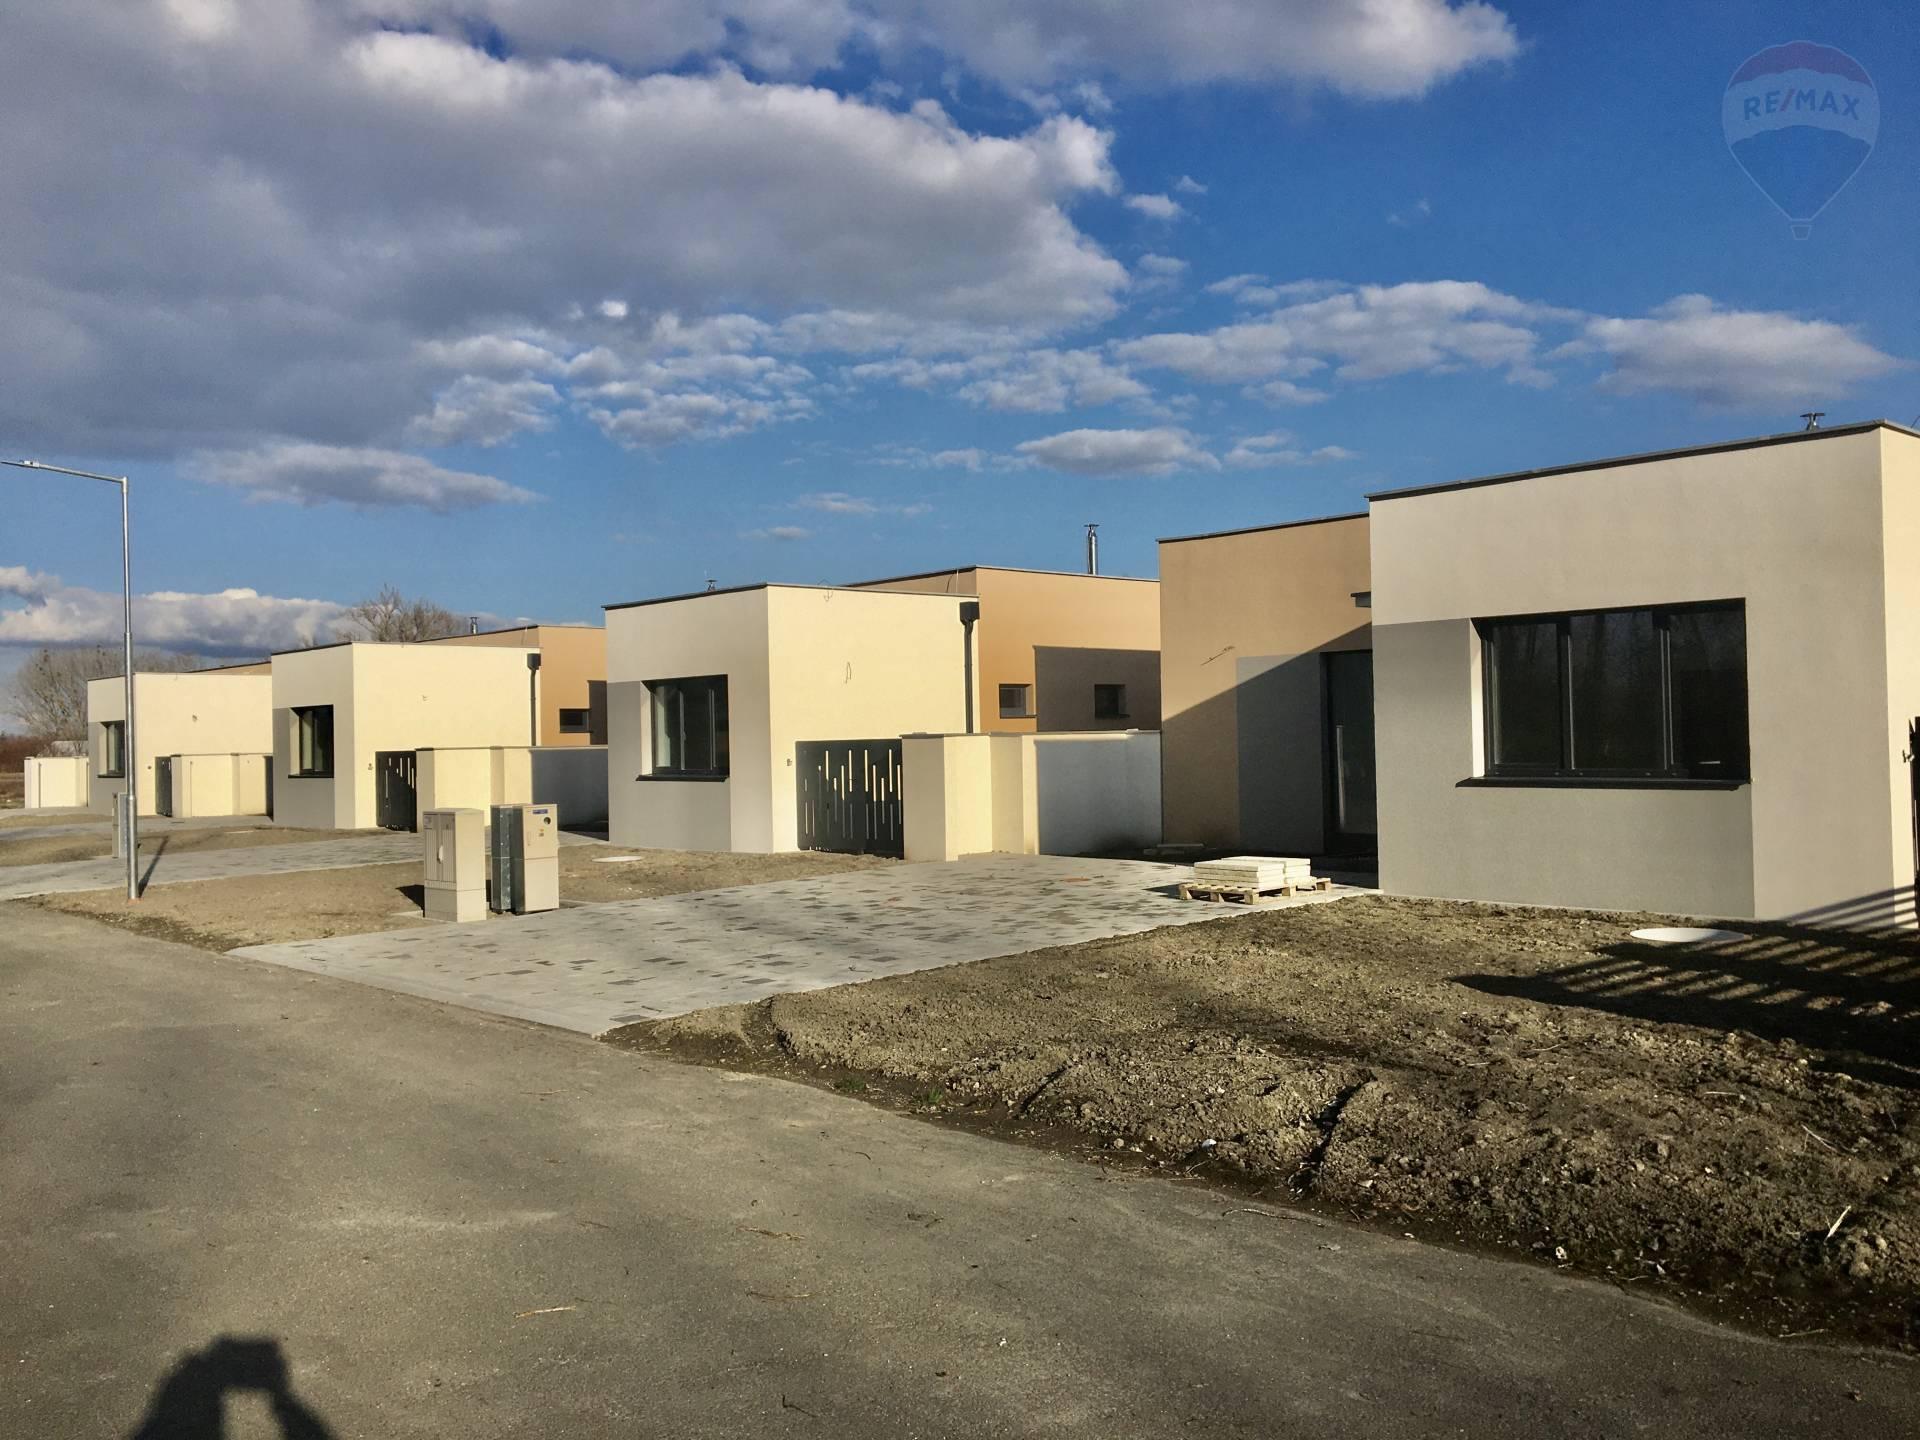 Predaj: 4i novostavba typu Bungalow v obci Dunajský Klátov,bývanie spojené s prírodou.